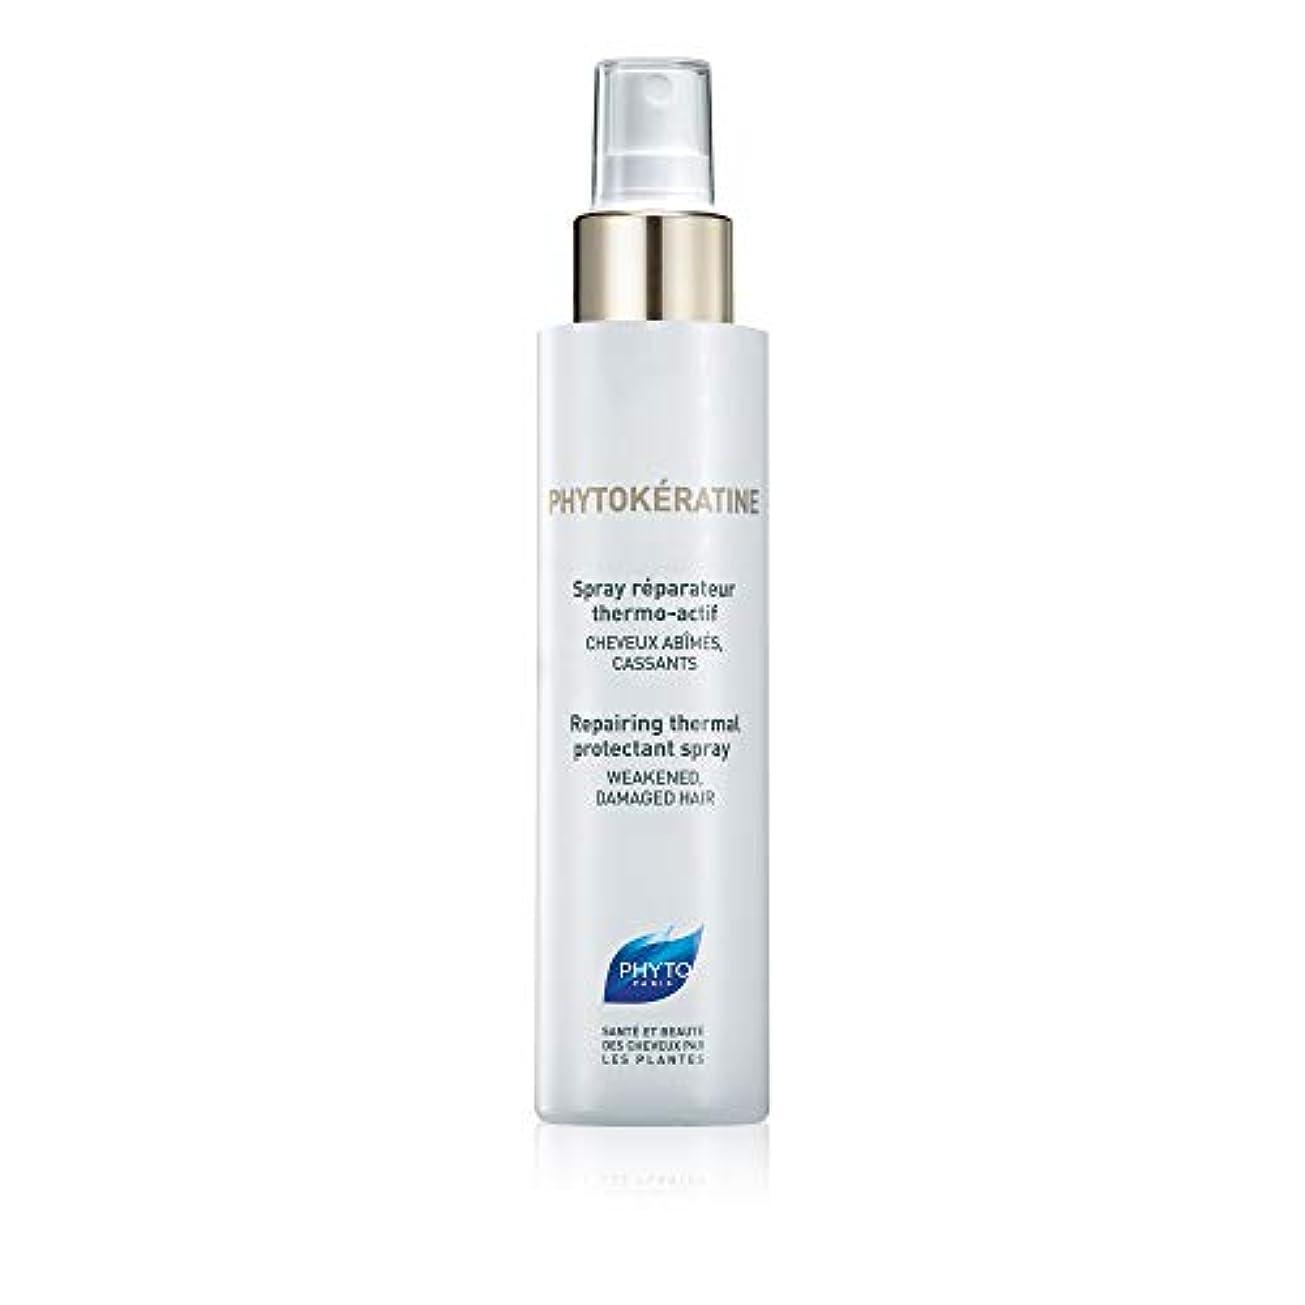 ペンダント美容師長々とPhyto Phytokeratine Repairing Thermal Protectant Spray 150ml